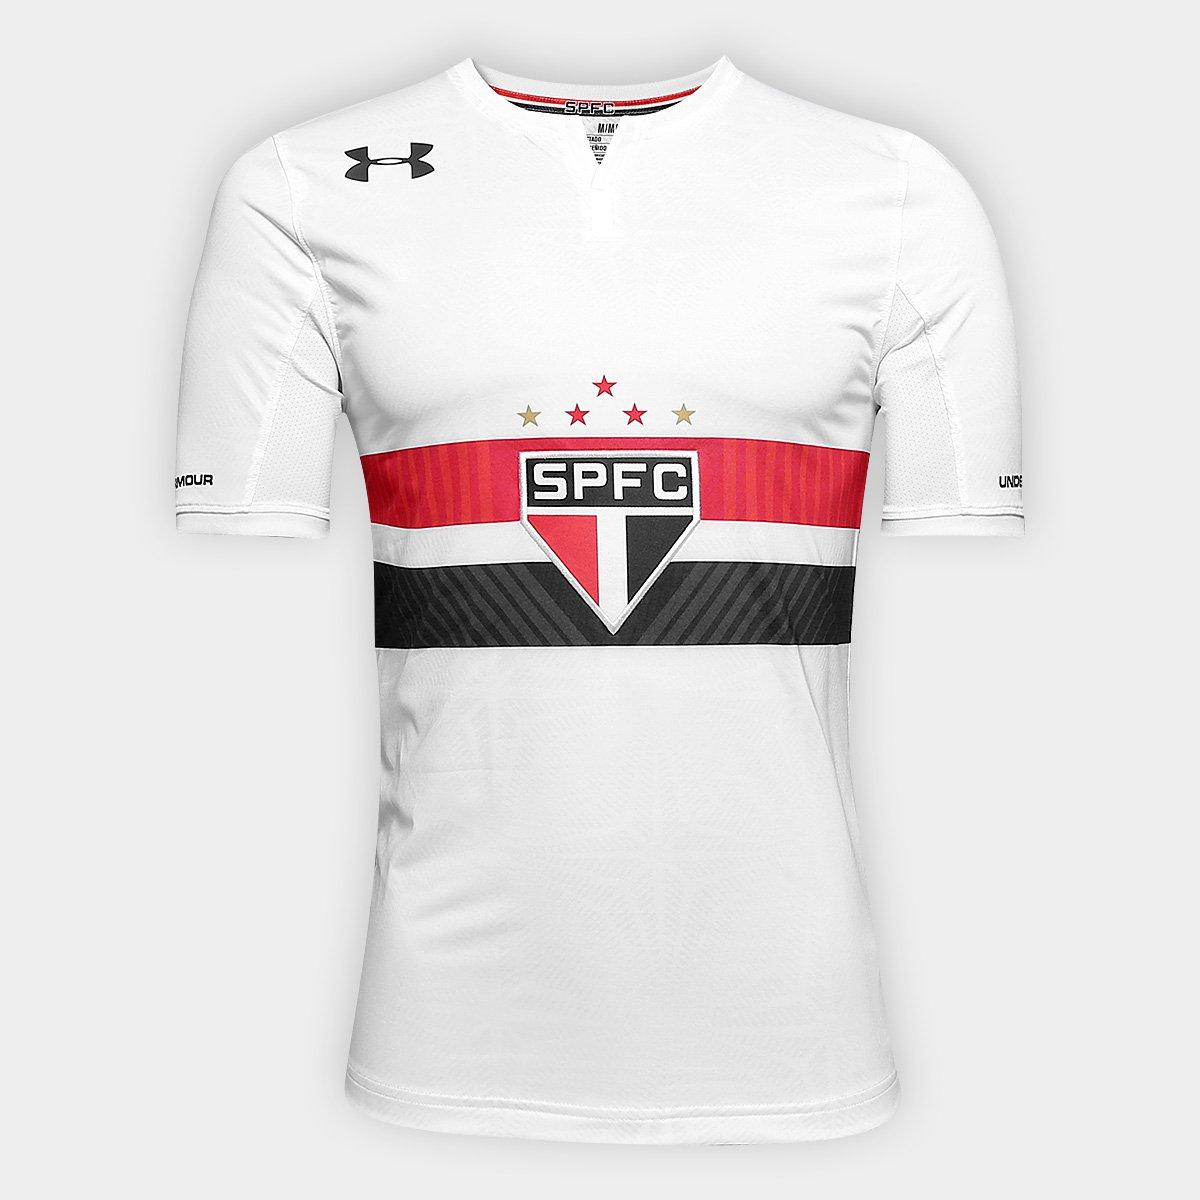 Camisa São Paulo I 17 18 s nº Jogador Under Armour Masculina ... 6c51540138f28